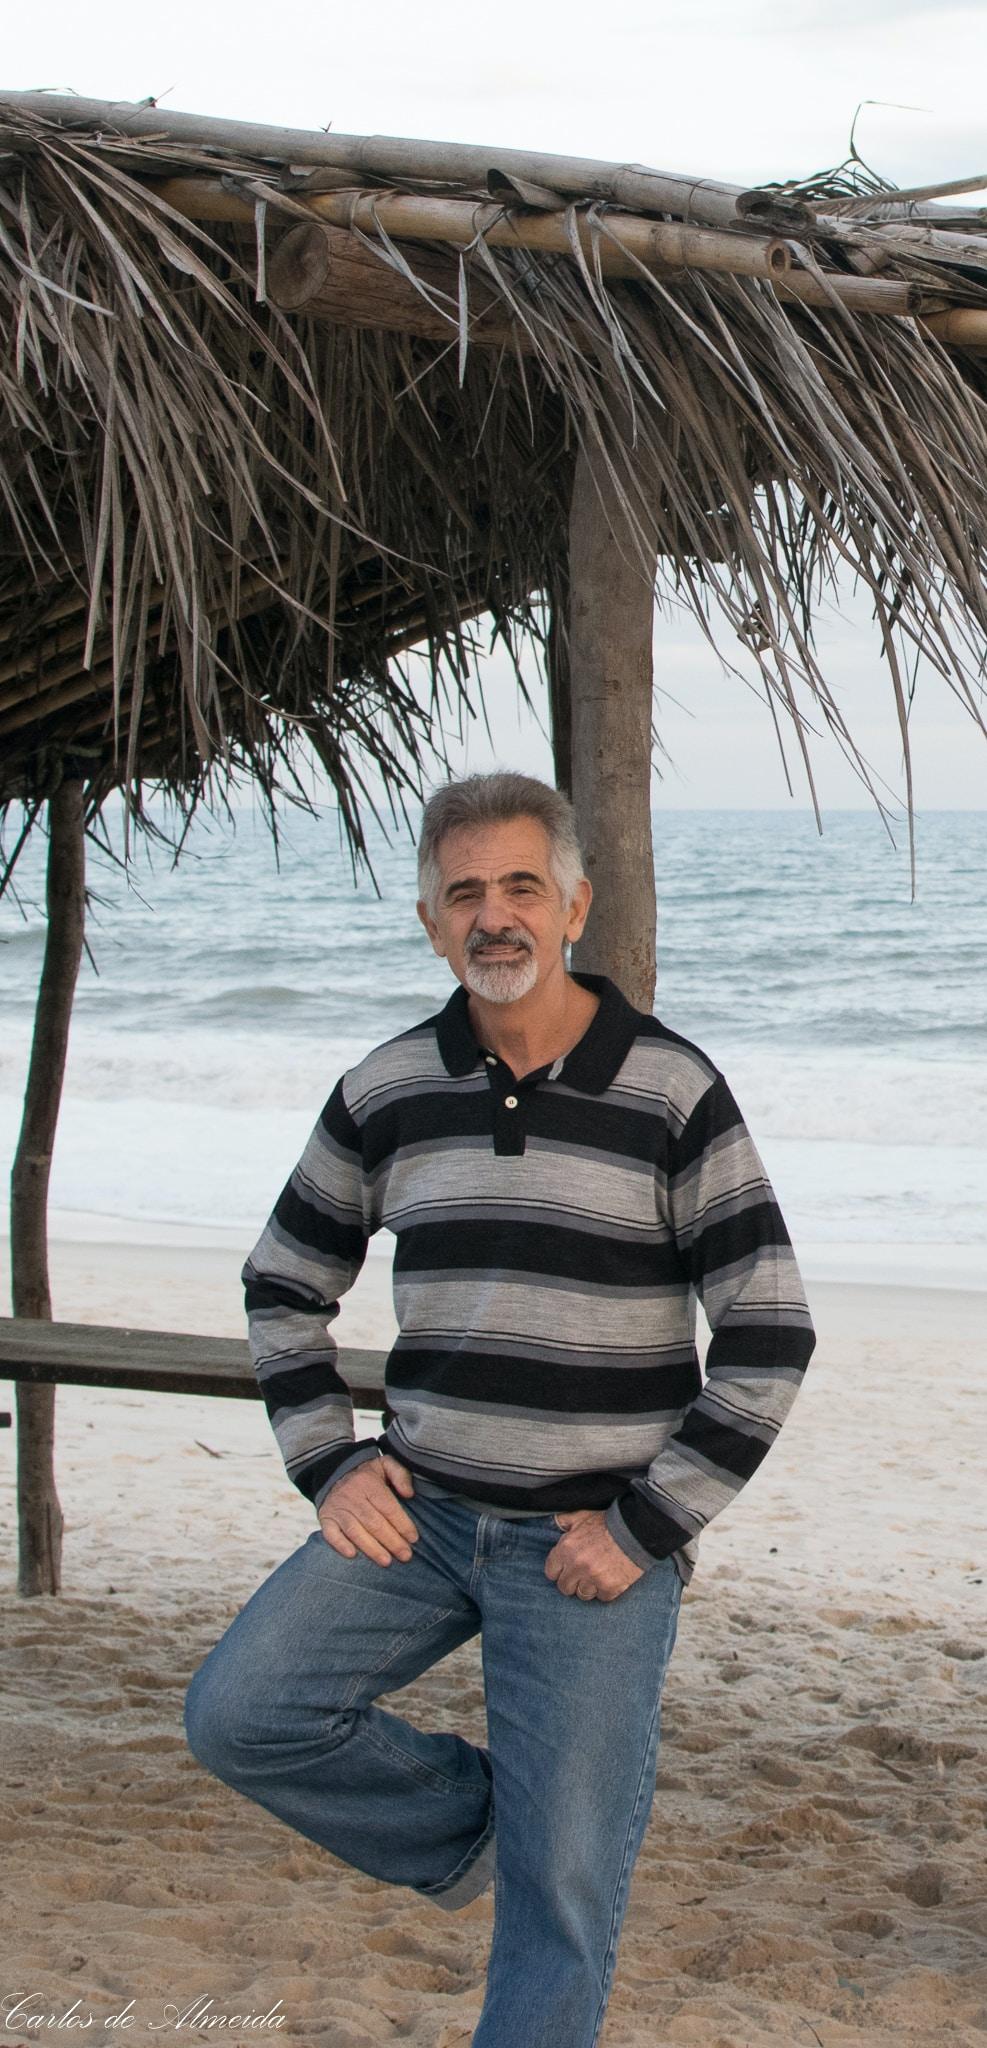 Go to Carlos de Almeida's profile